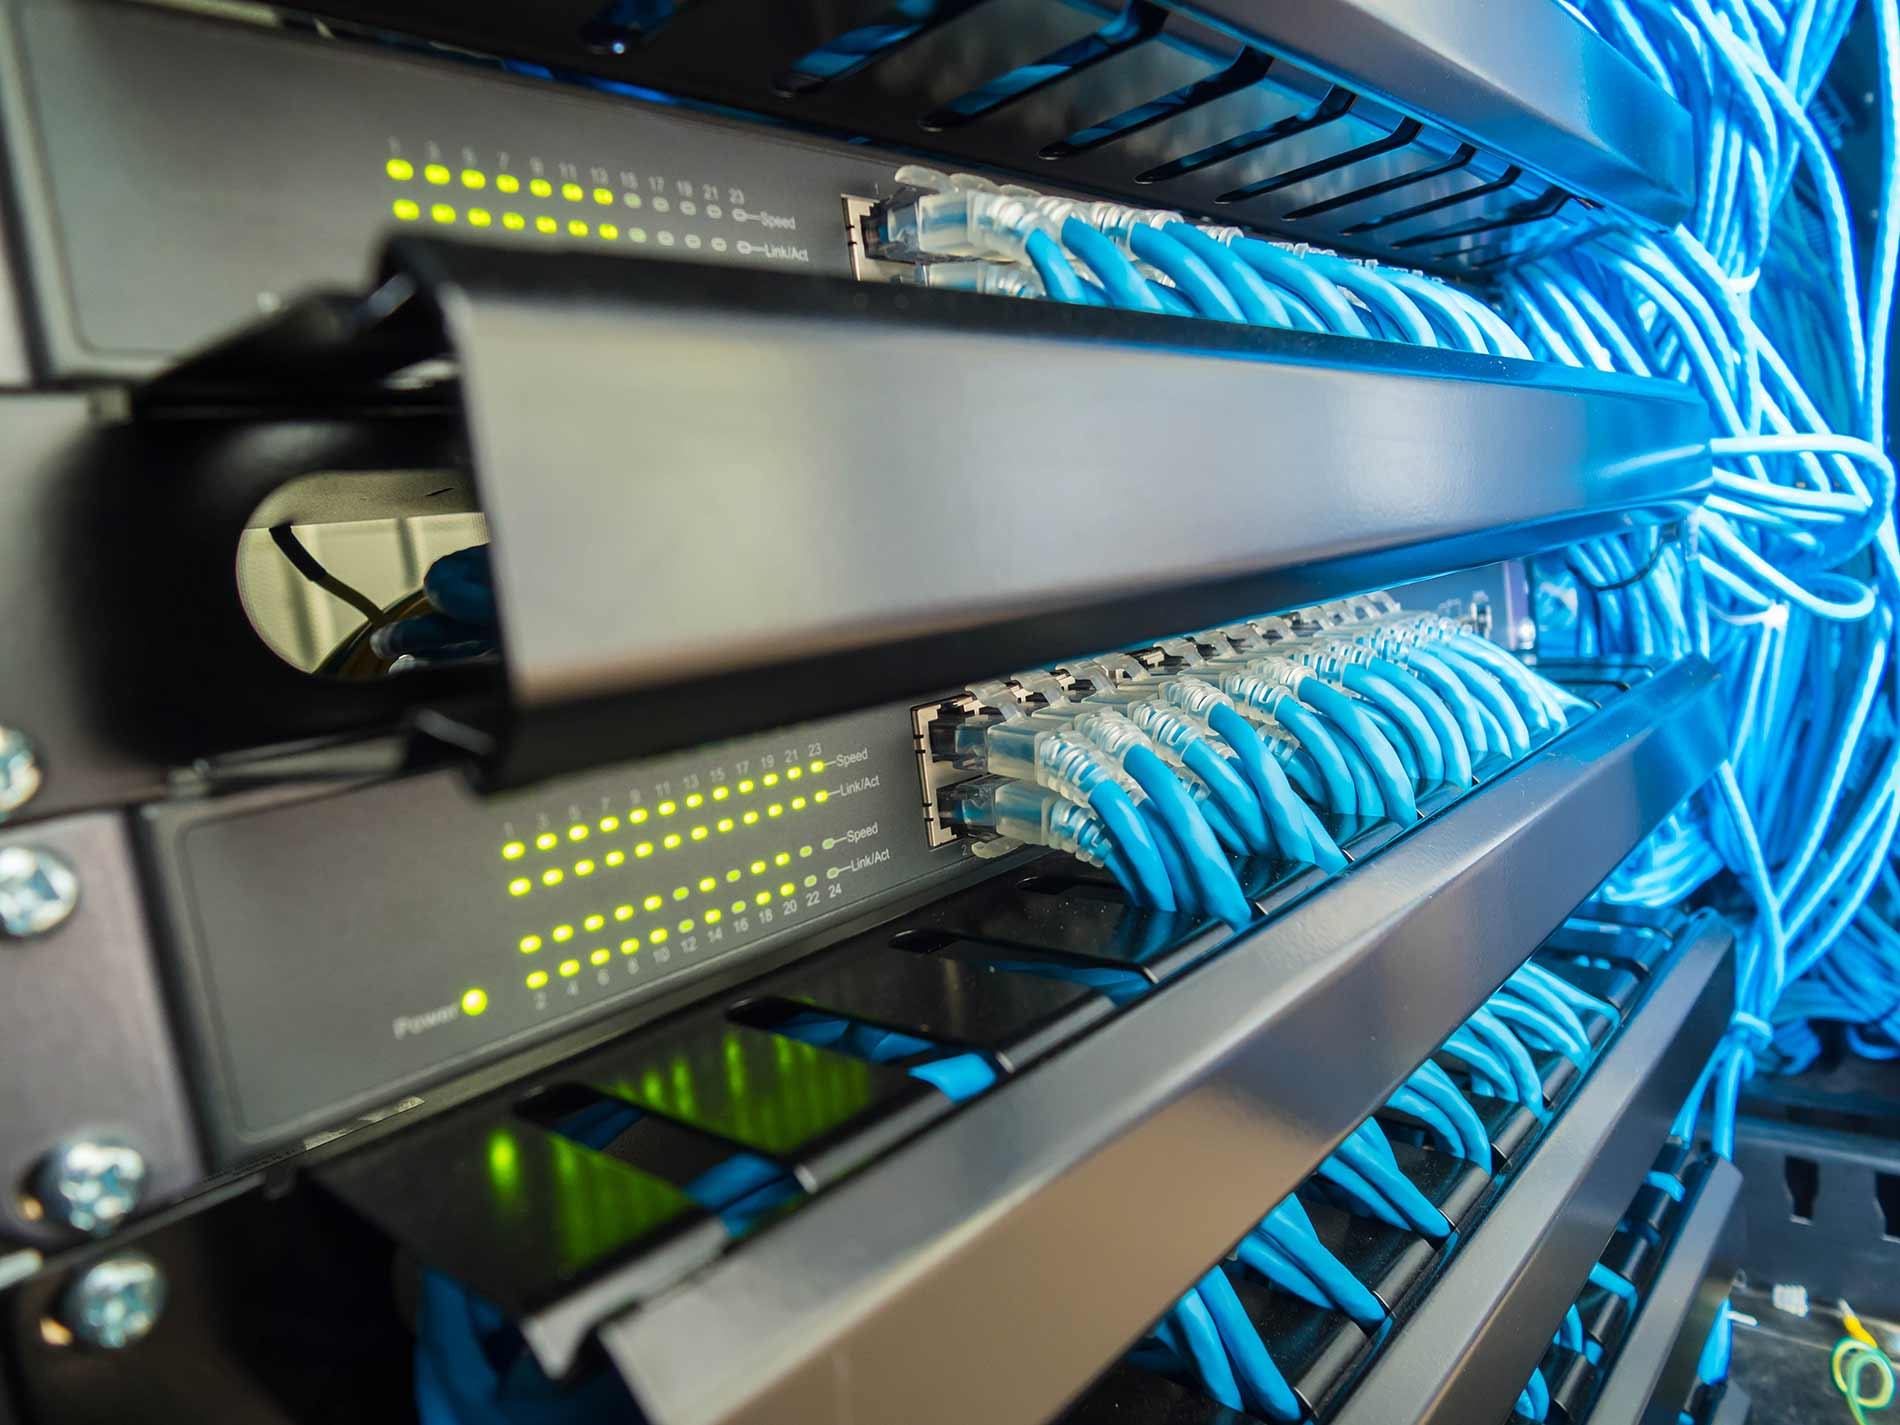 Network hardware update